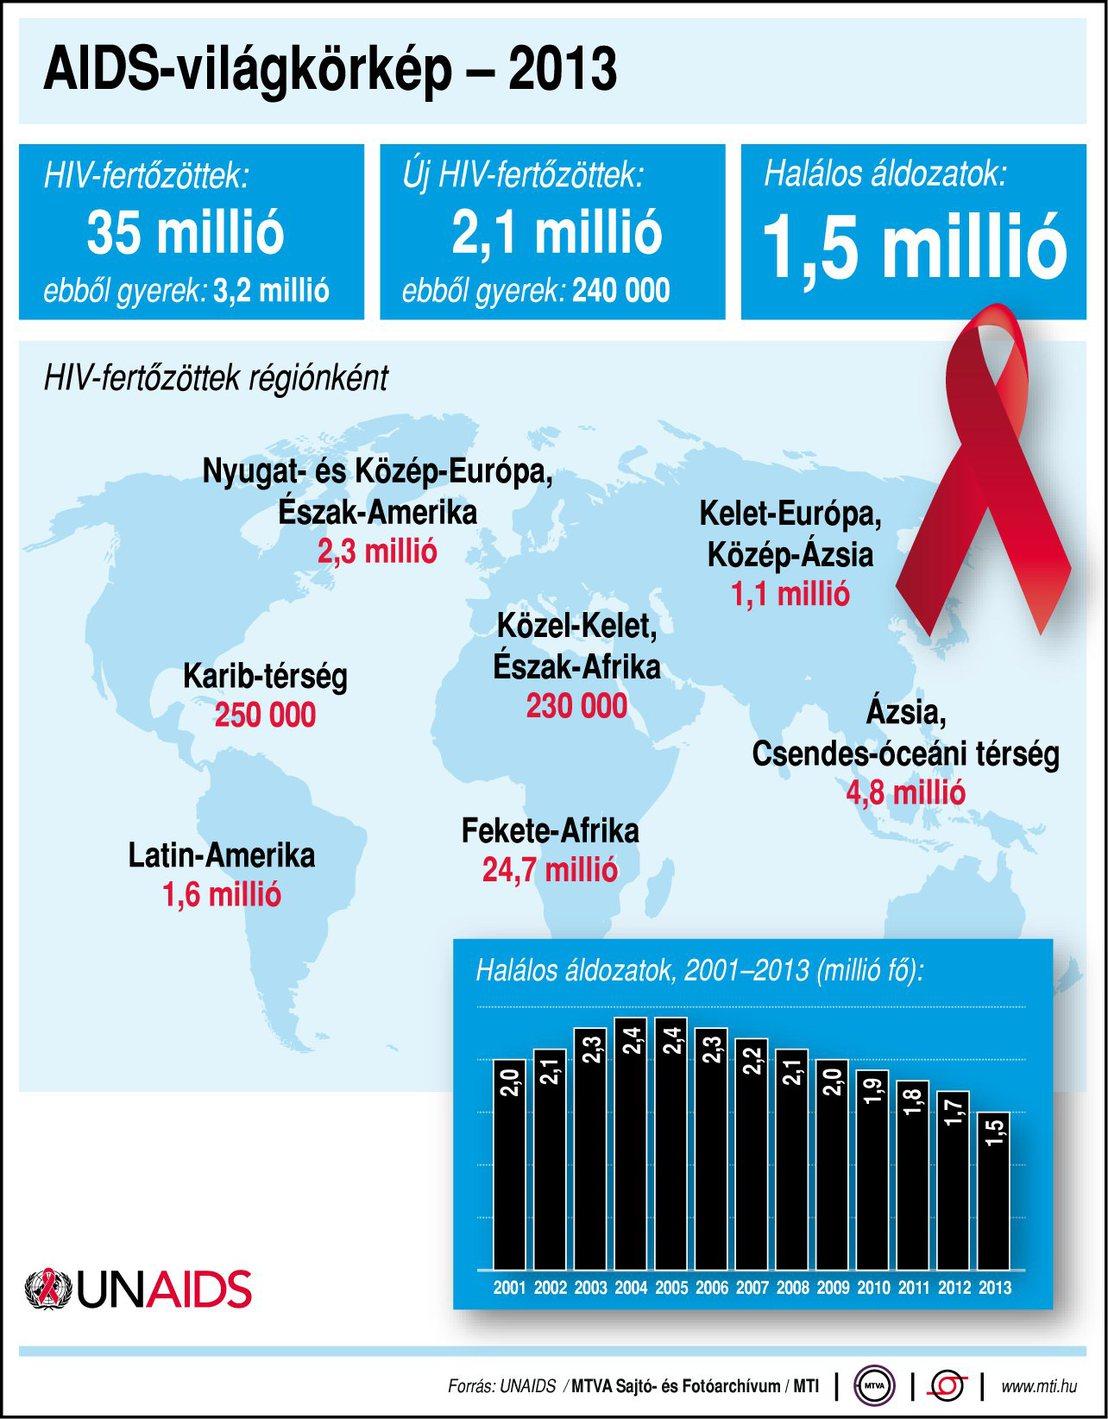 HPV elleni oltás: lányok után fiúknak is ingyen Nagy-Britanniában